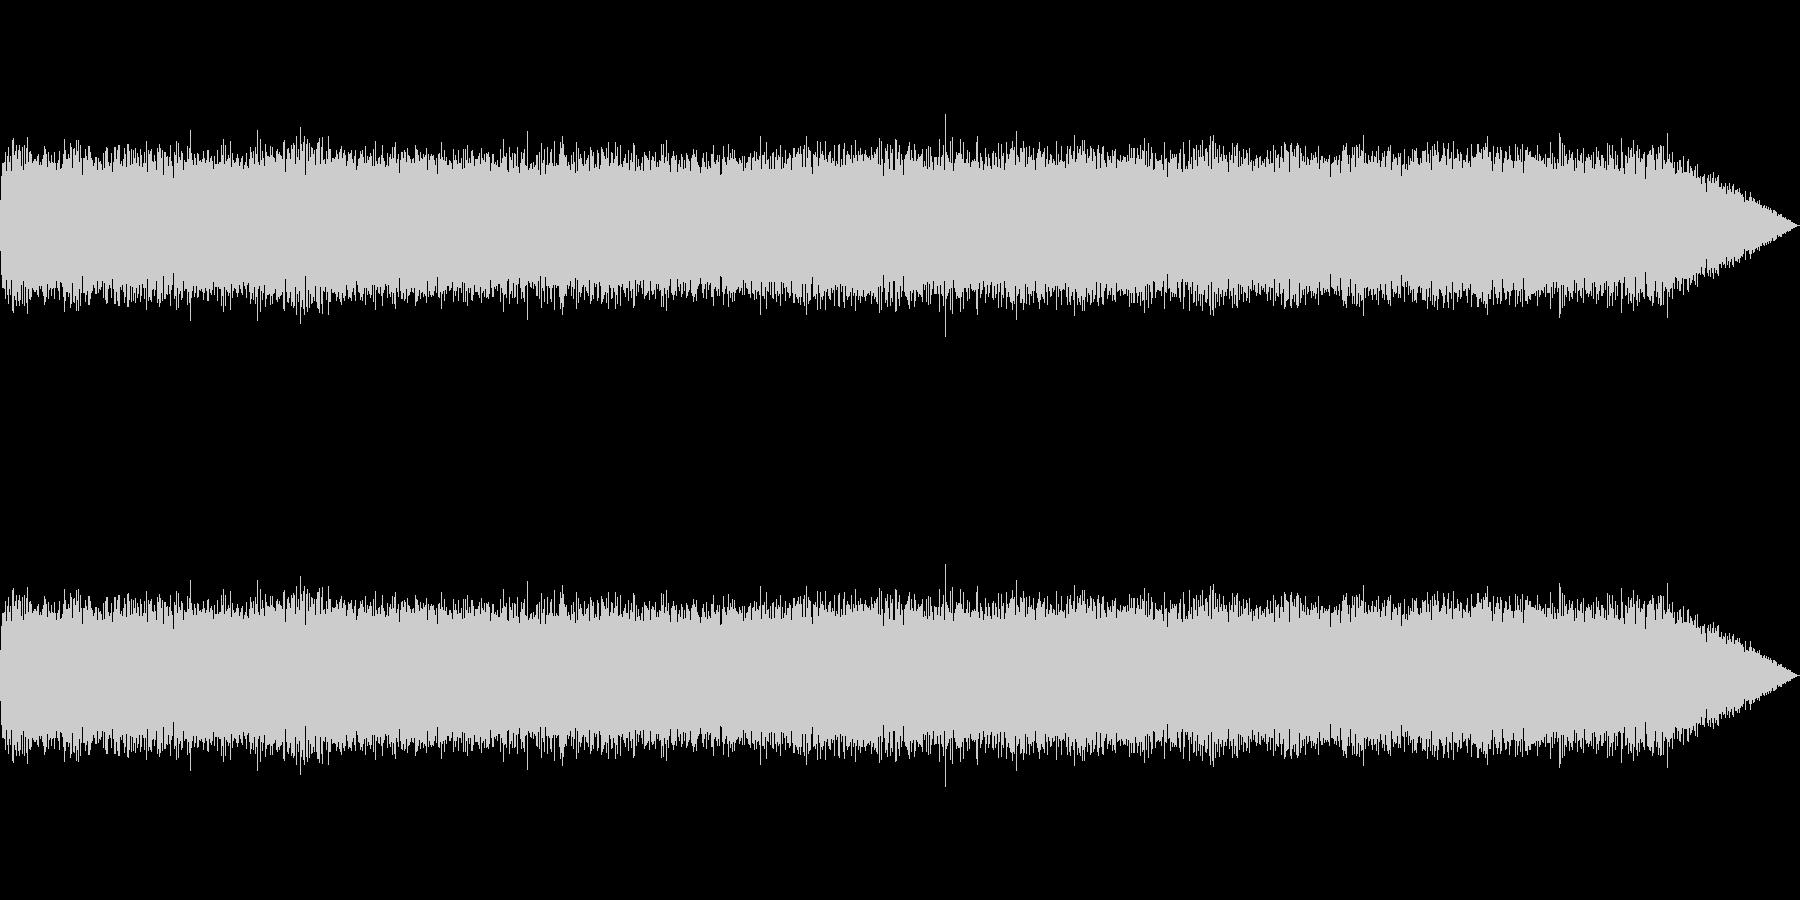 【生録音】ギターアンプノイズ01の未再生の波形